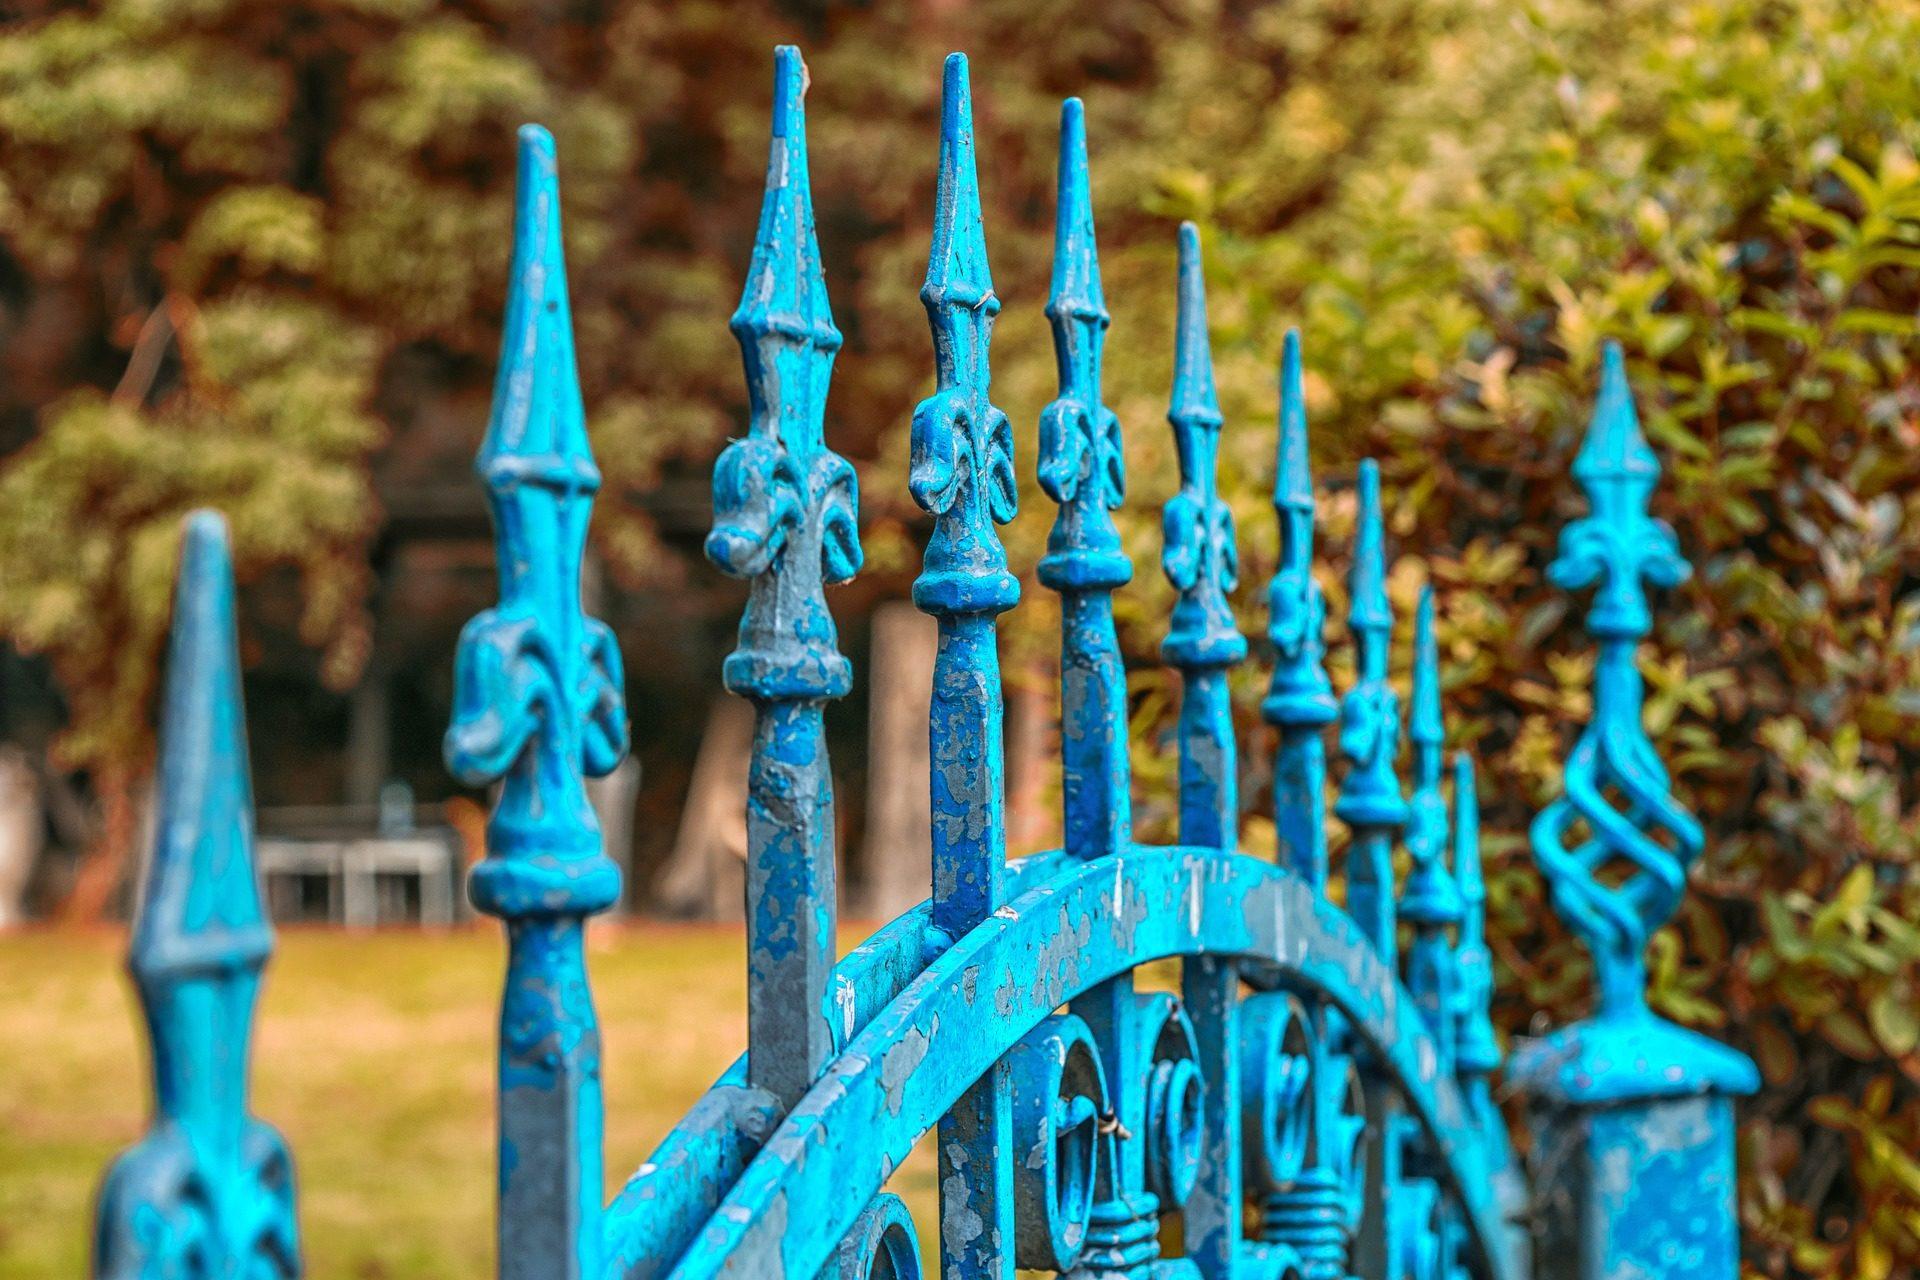 栅栏, 门, 花园, 装饰, 年份 - 高清壁纸 - 教授-falken.com